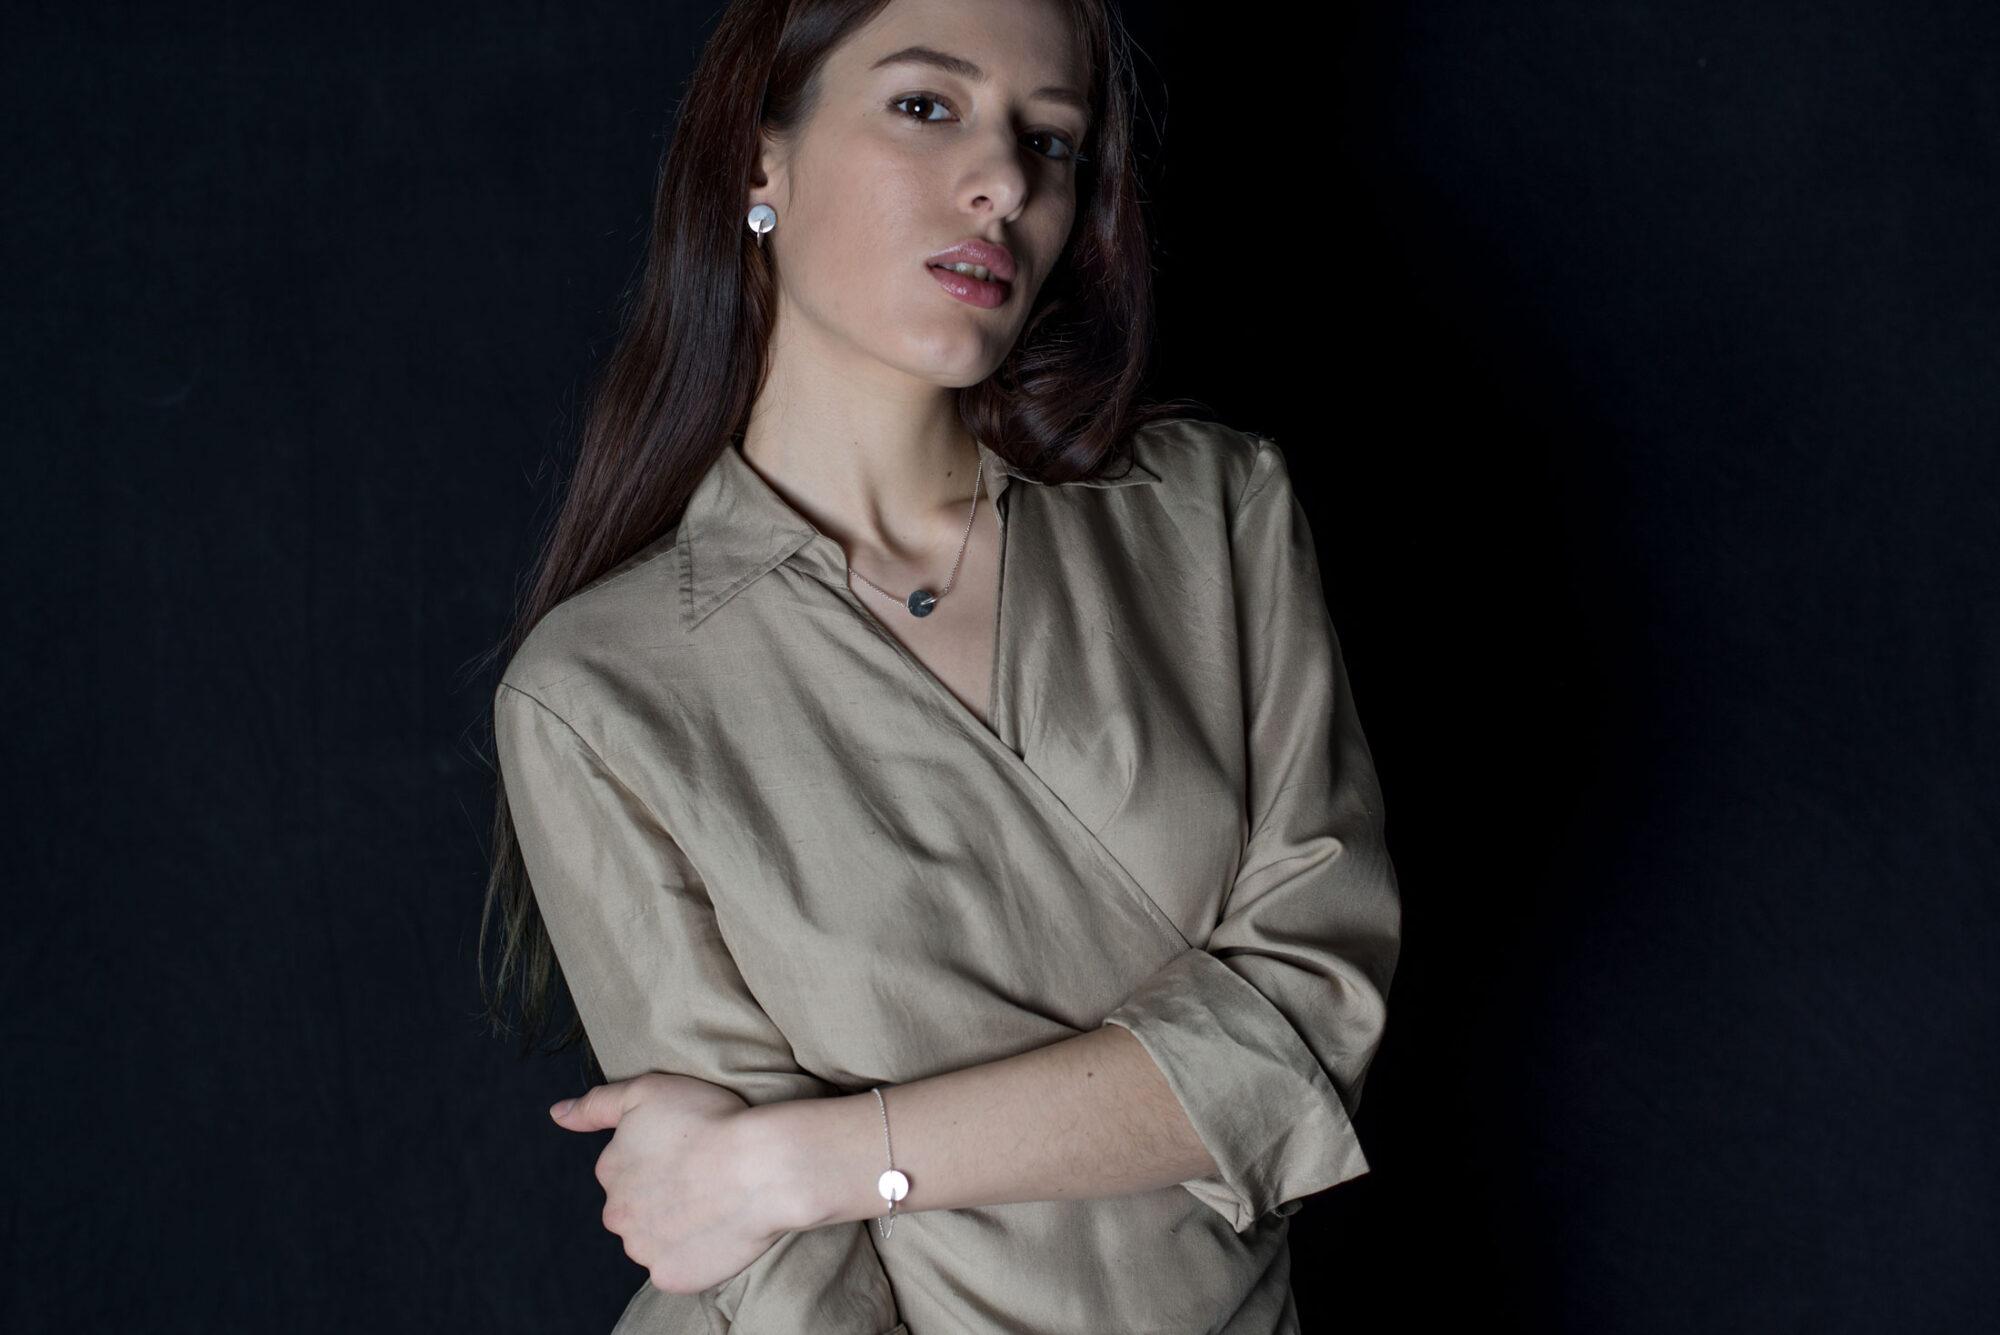 Anna-Kiryakova-Circles-Earrings-Porzellan-Schmuck-3